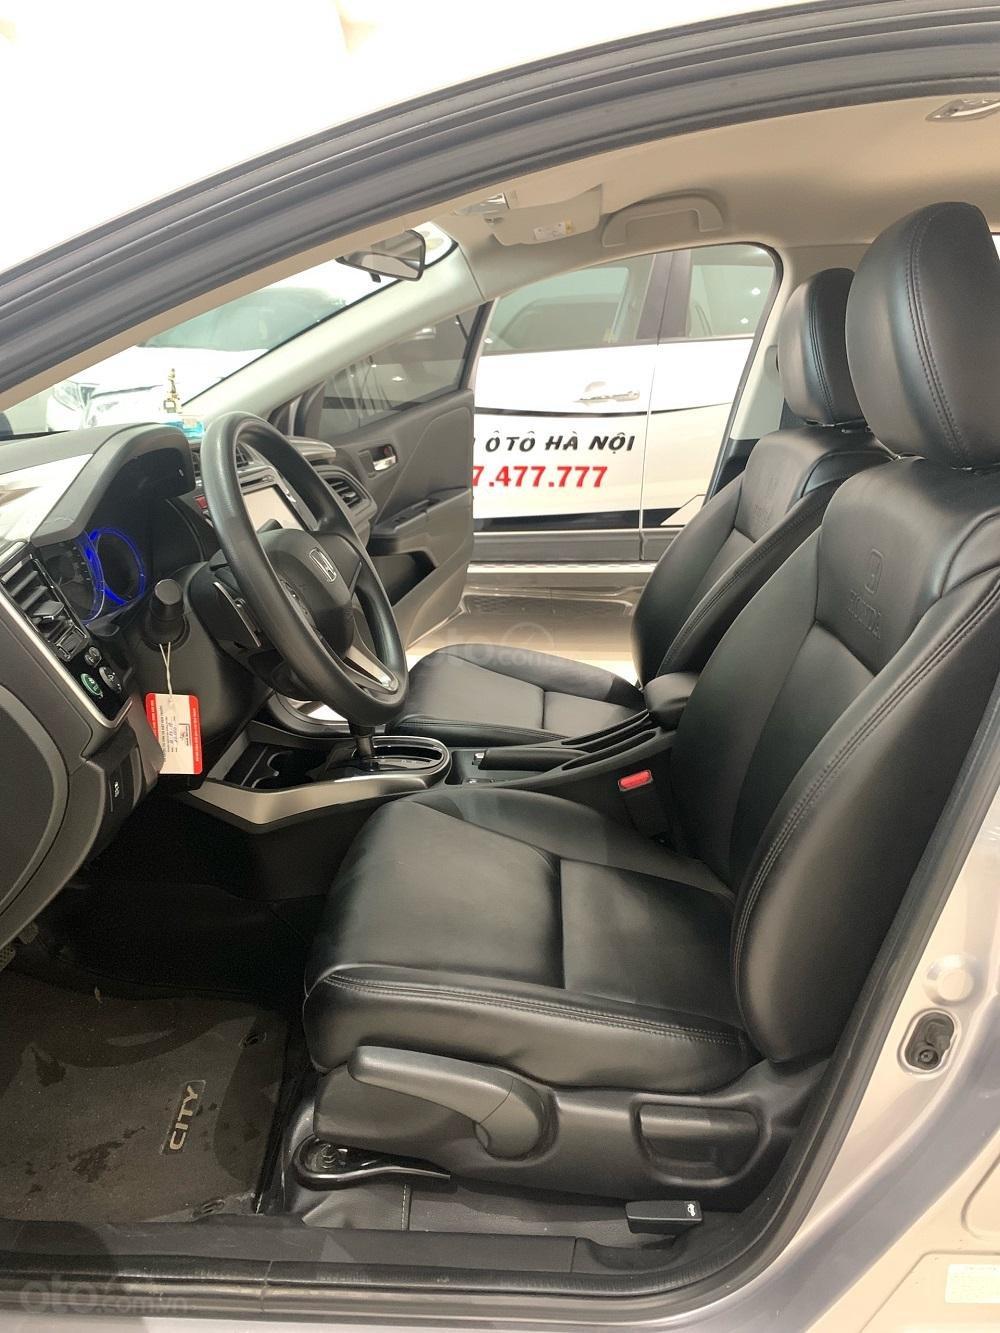 Honda City 2017 AT, màu bạc, 25.000KM - Chỉ từ 150 triệu (8)